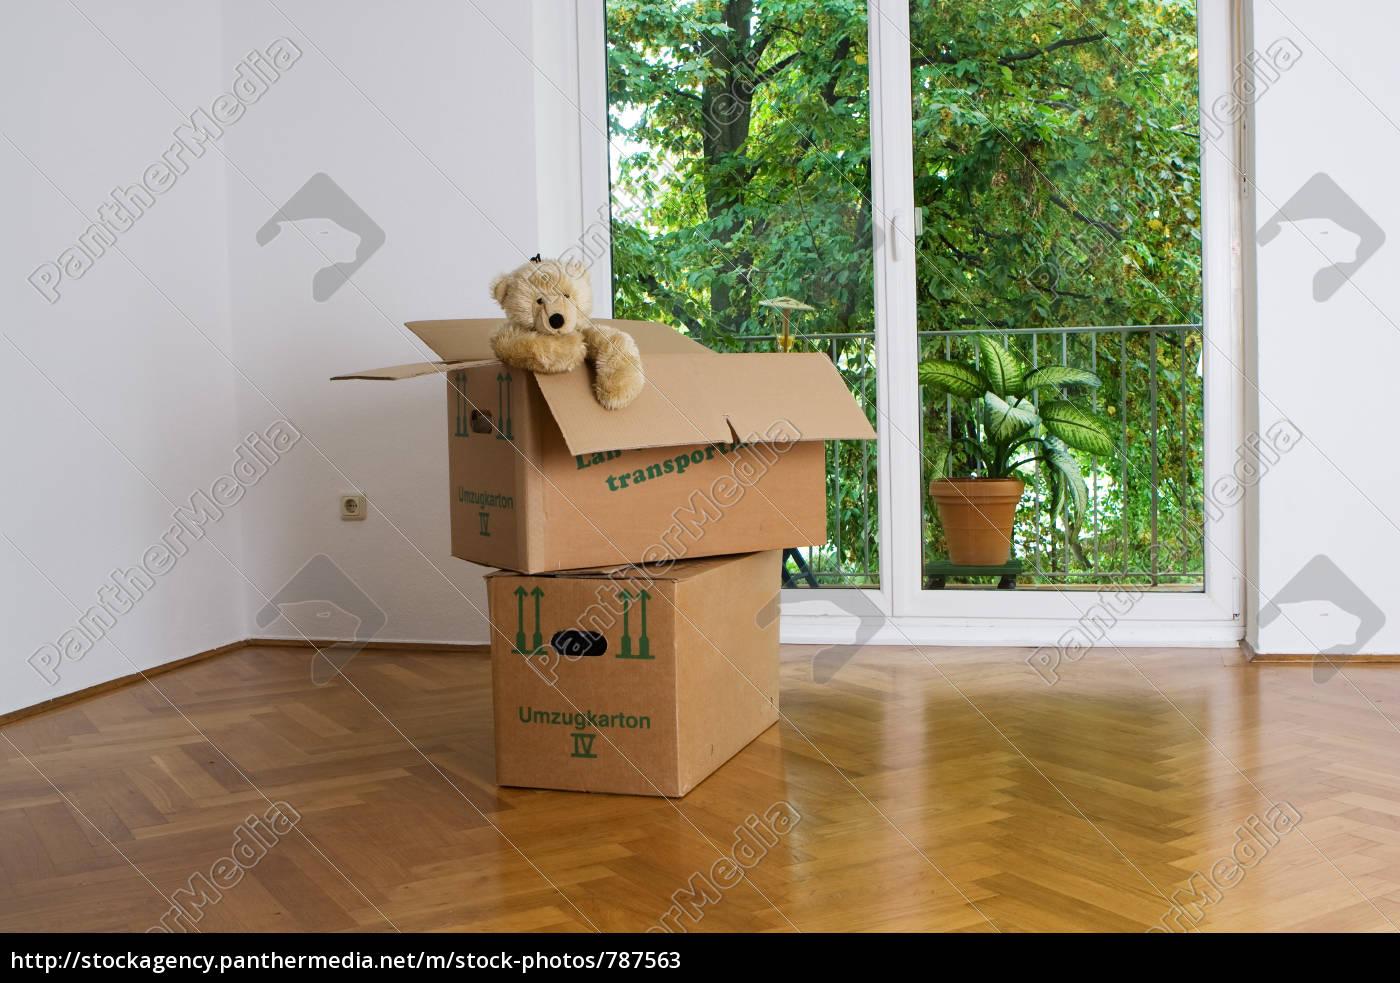 move - 787563